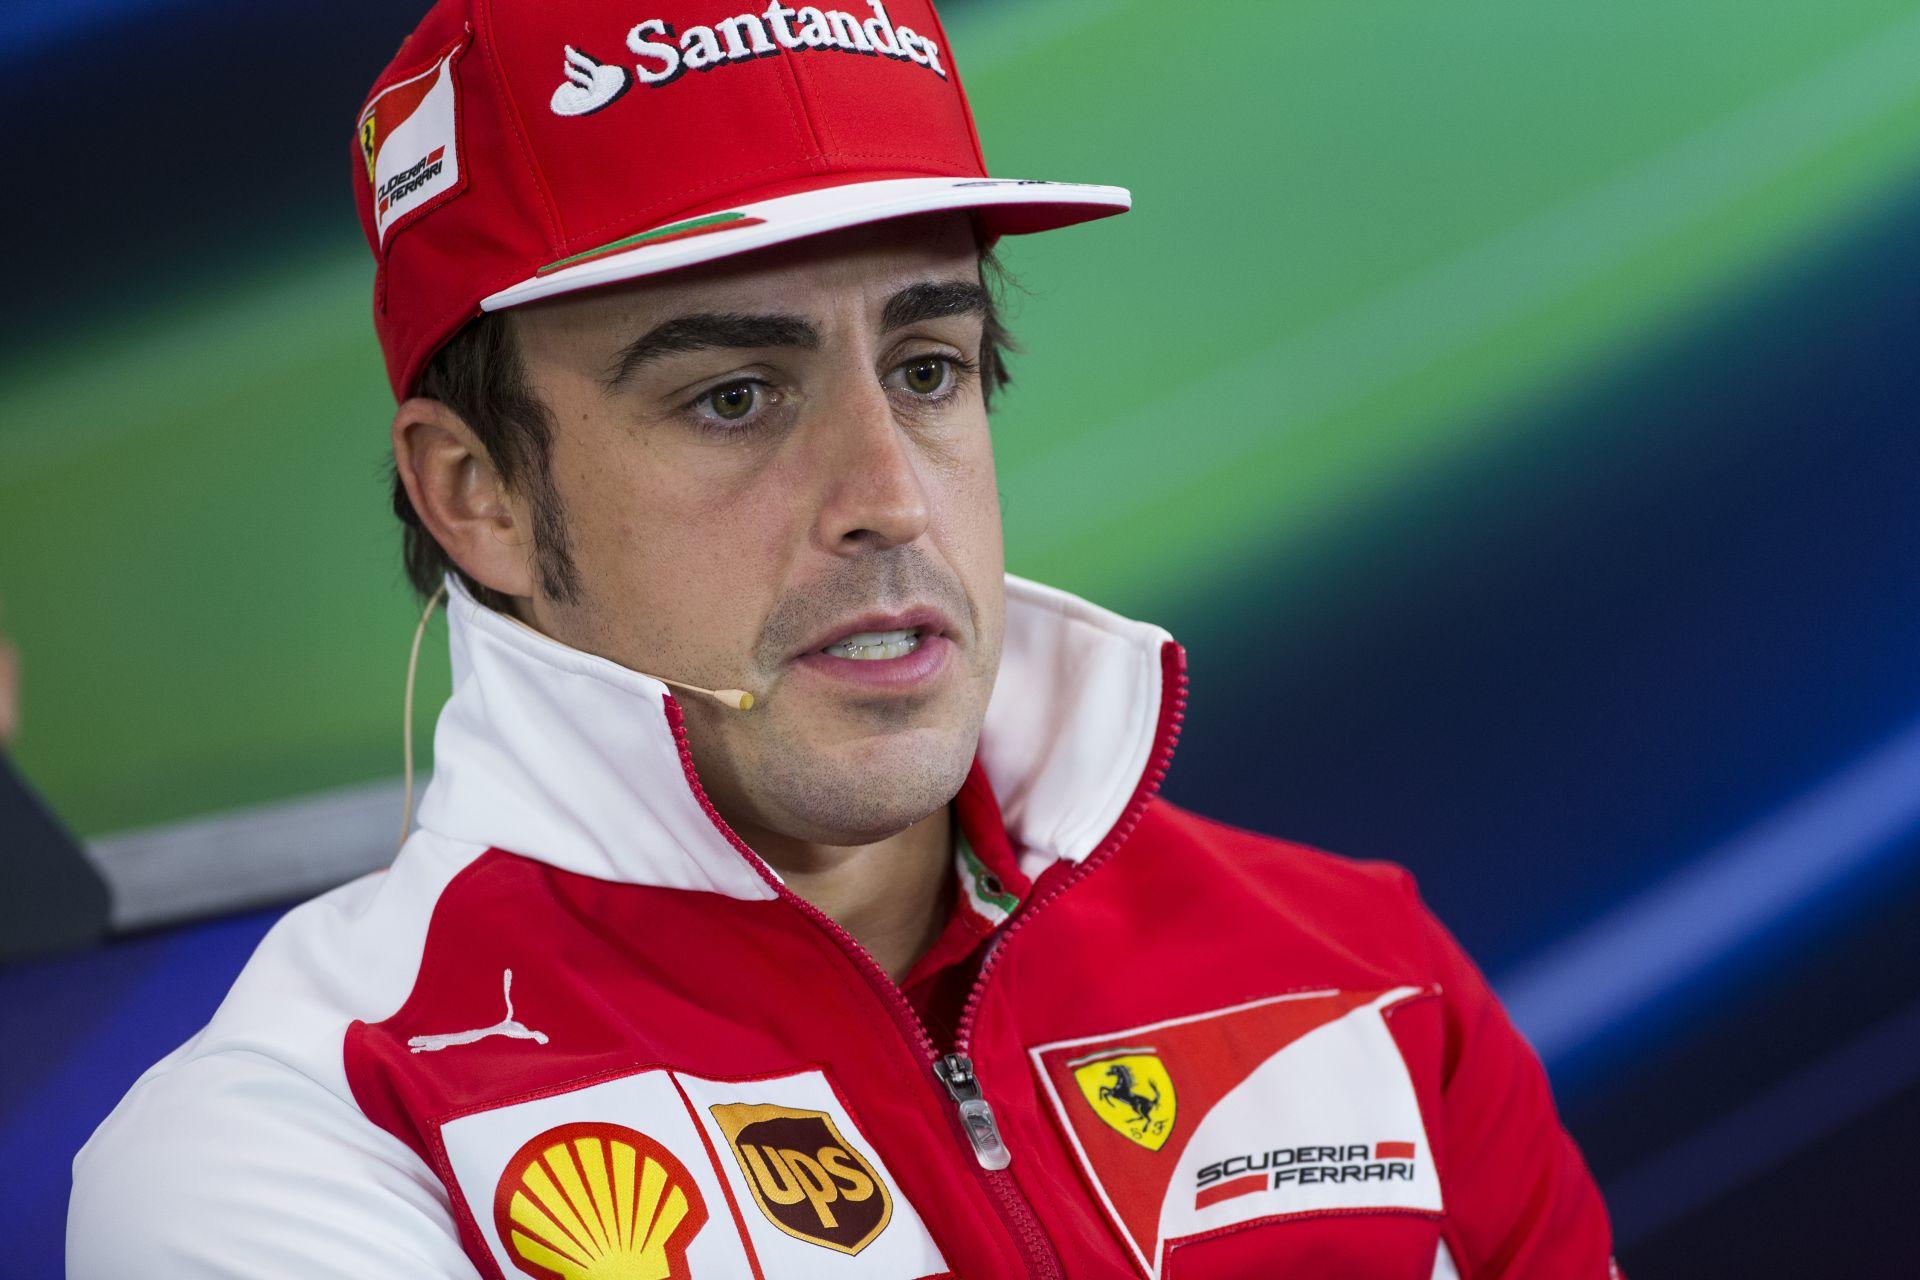 Alonso egyértelműen a legjobb versenyző a Forma-1-ben és boldog a Ferrarinál